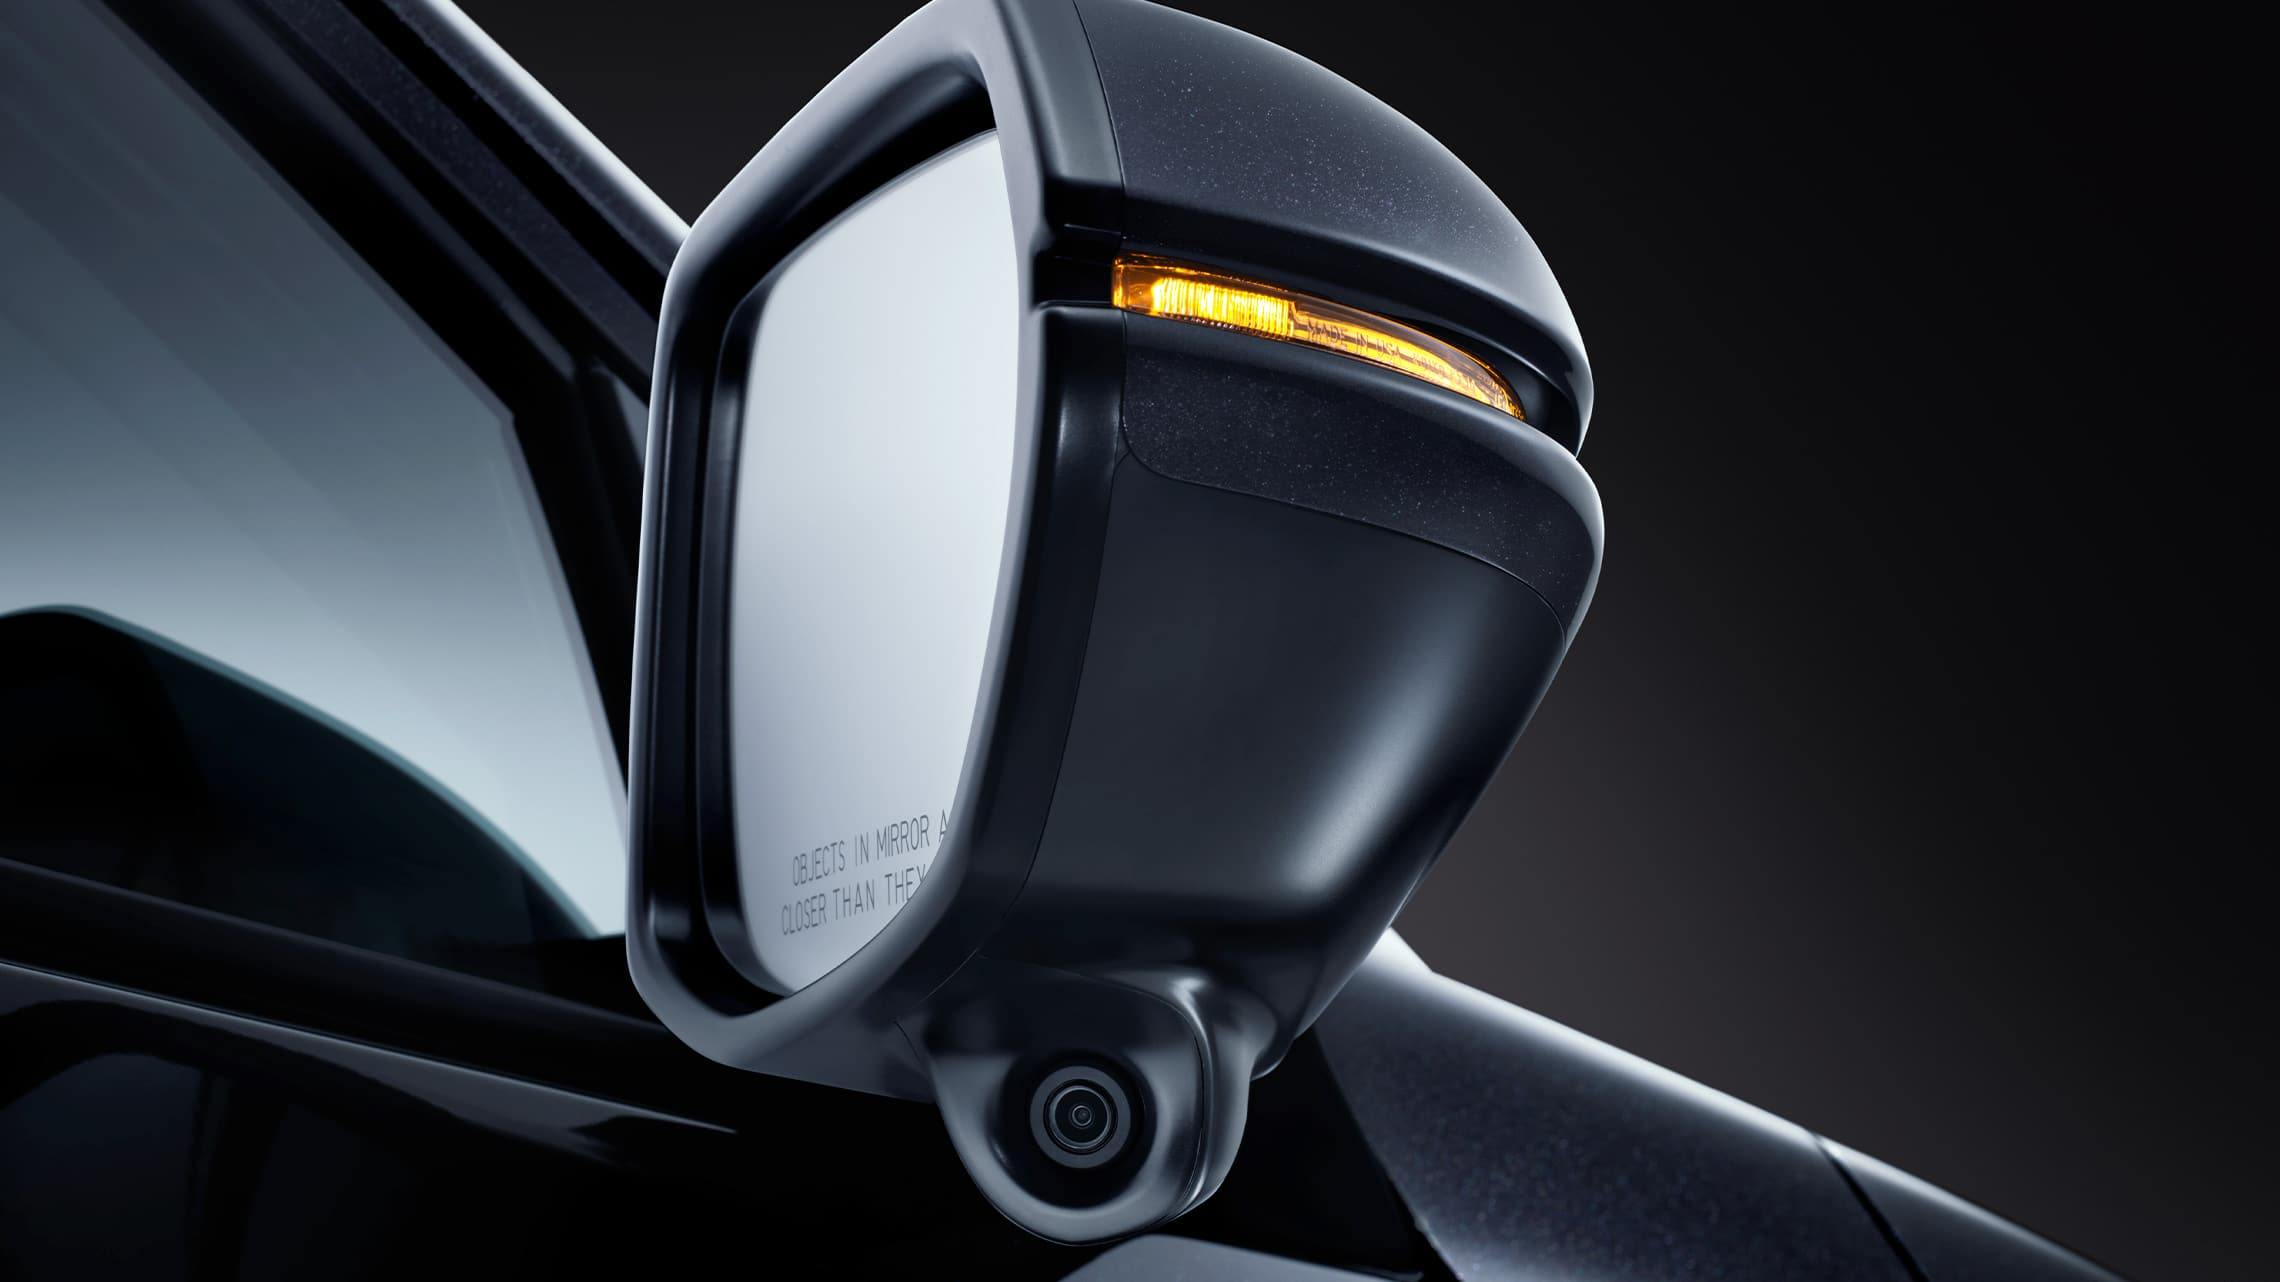 Vista detallada de la cámara Honda LaneWatch™ en el espejo del lado del pasajero en la Honda HR-VEX-L2020 en Crystal Black Pearl.